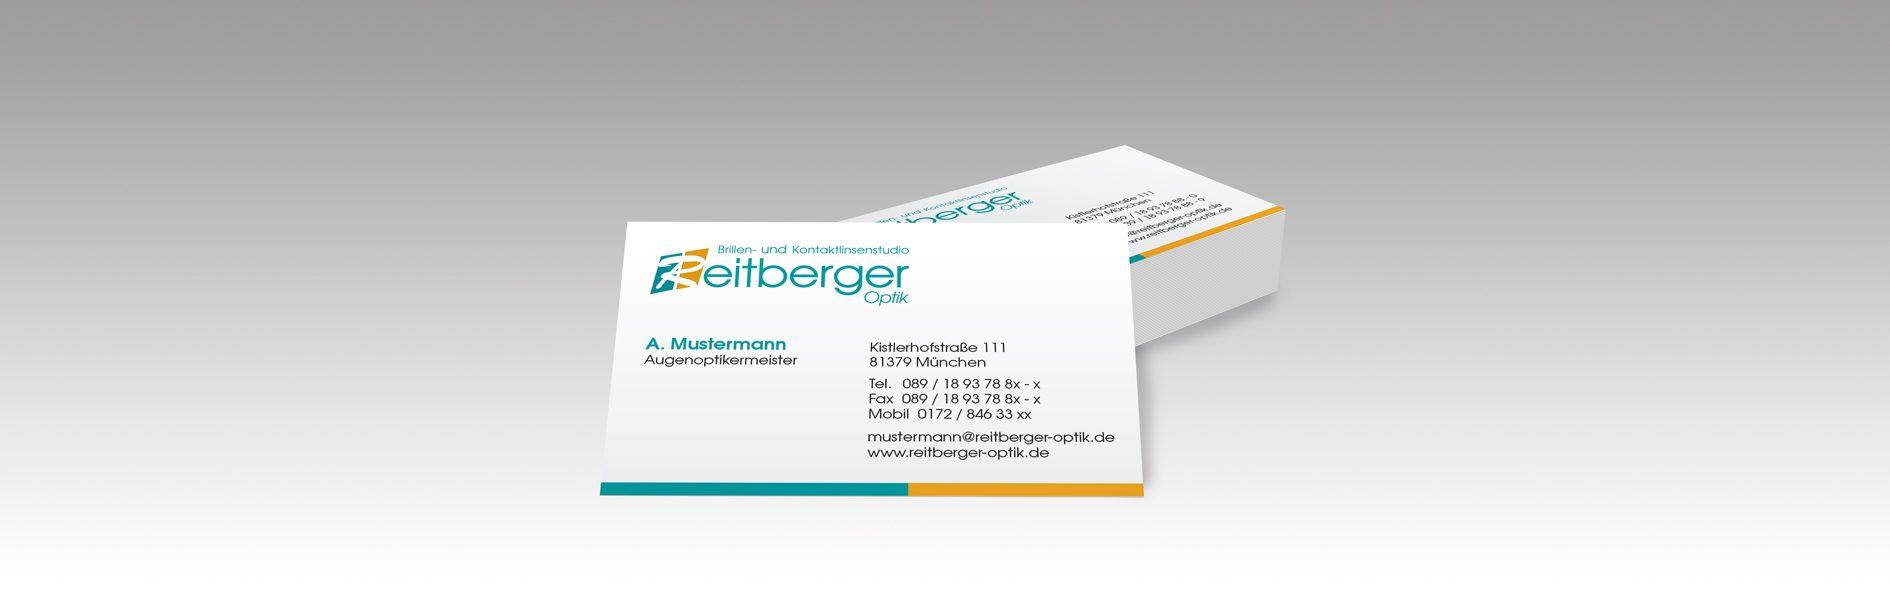 Hier ist ein Beispiel für die Reitberger Optik Visitenkarte abgebildet.